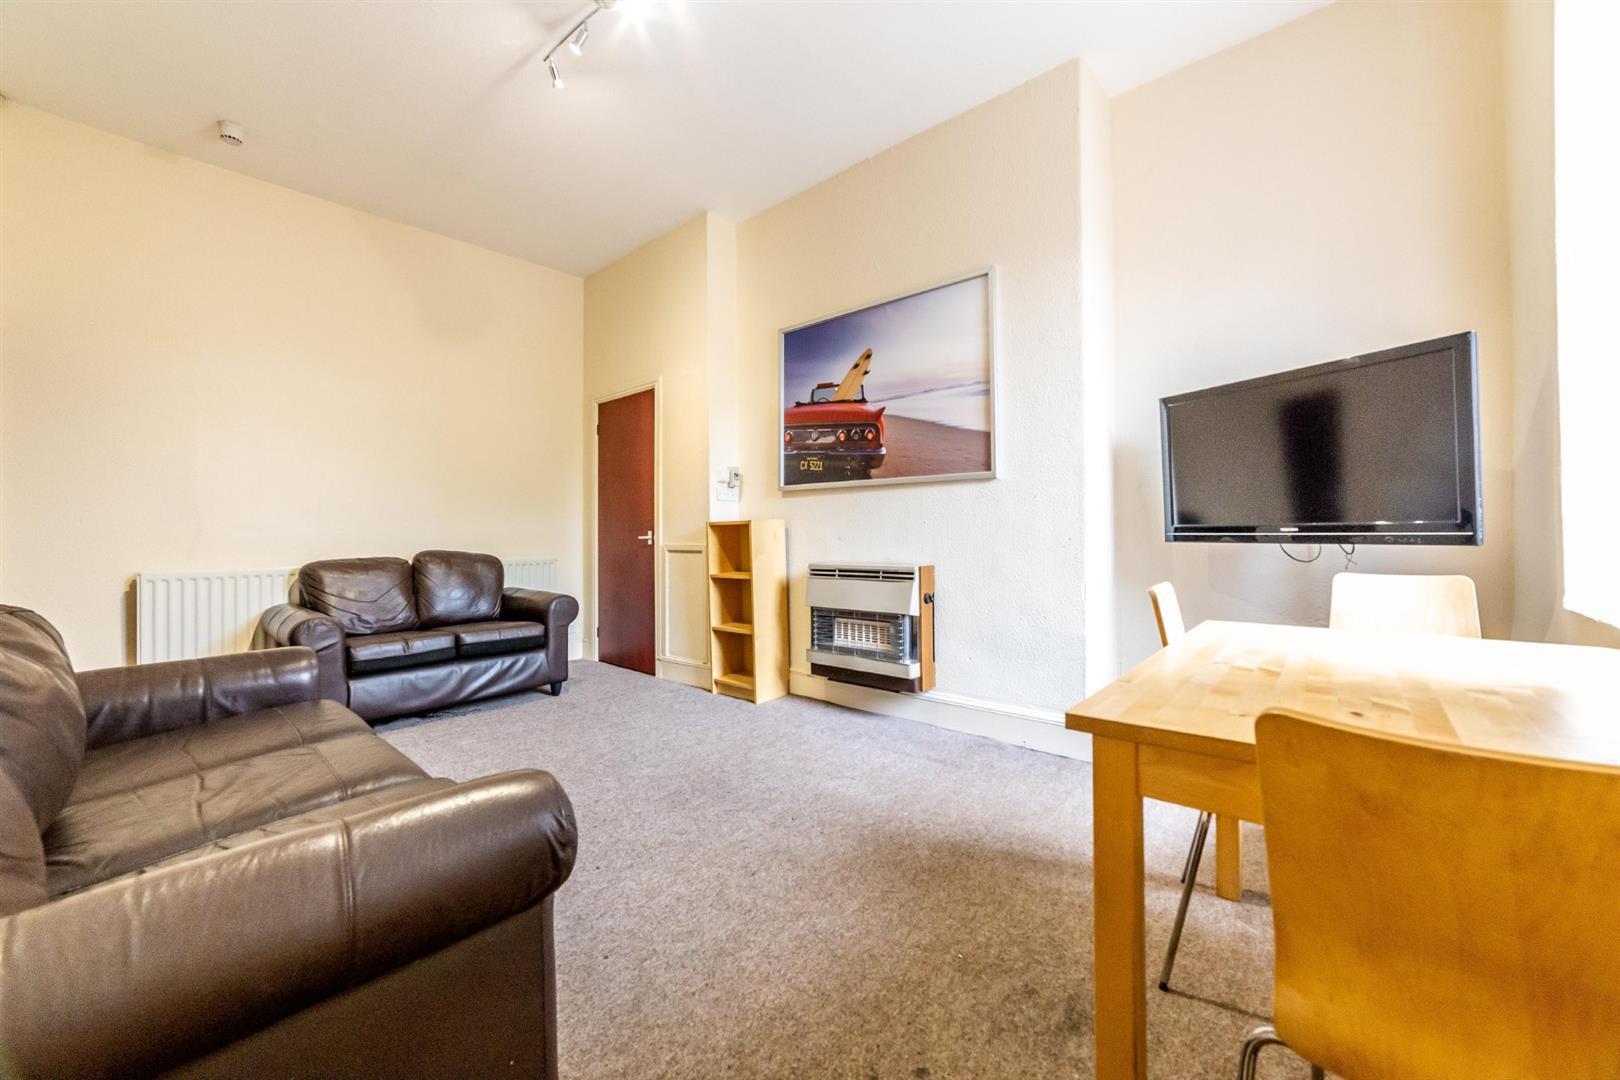 4 bed maisonette to rent in Newcastle Upon Tyne, NE6 5HL, NE6